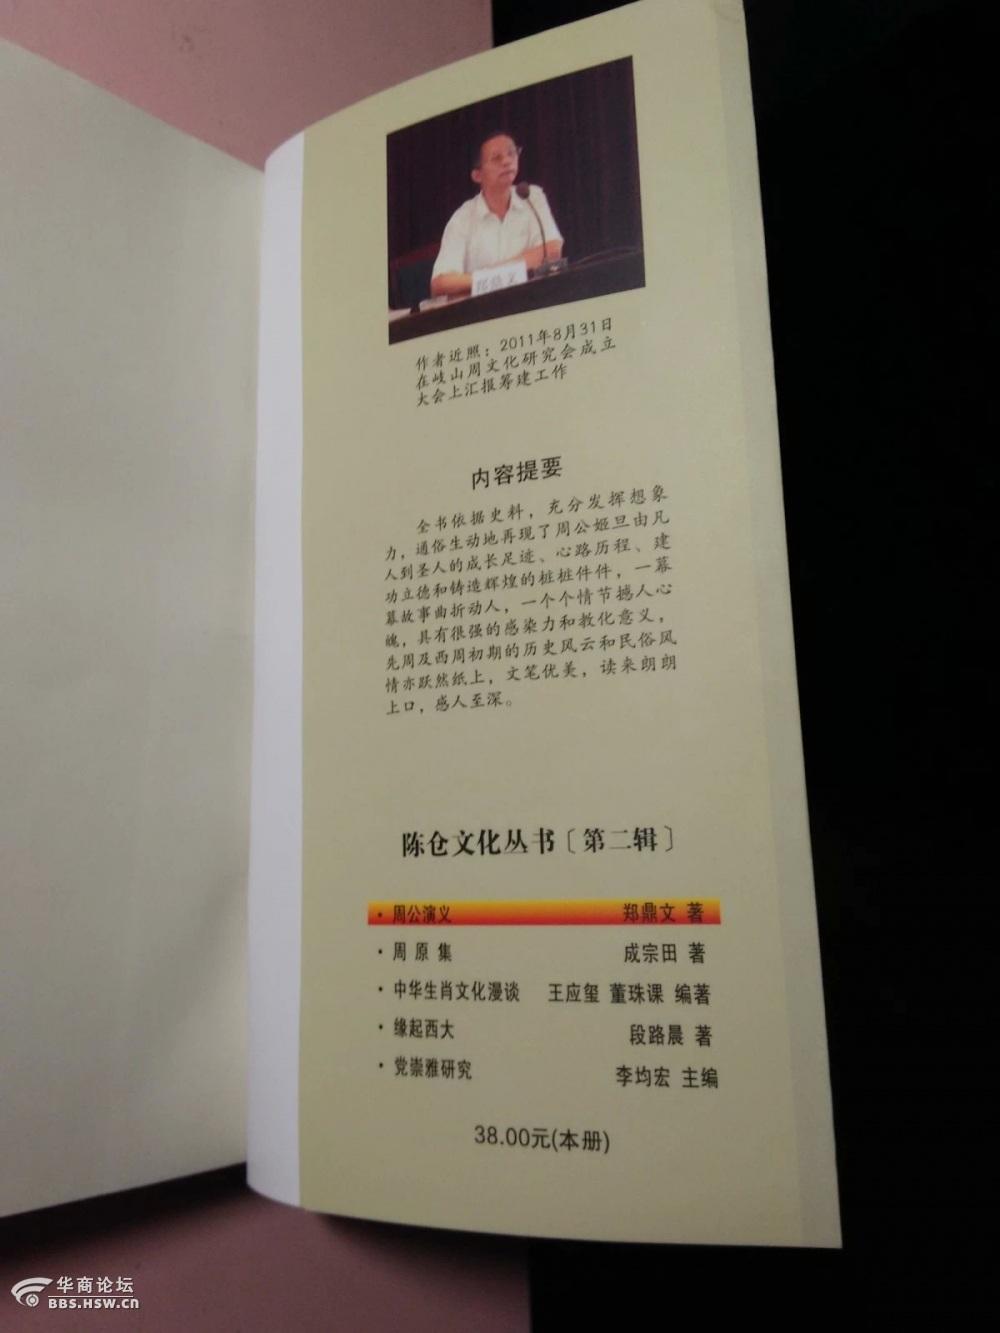 李均宏读《周公演义》感赋(我的世界)【原创】 - zhdw - 悦仁★博客 精神★家园